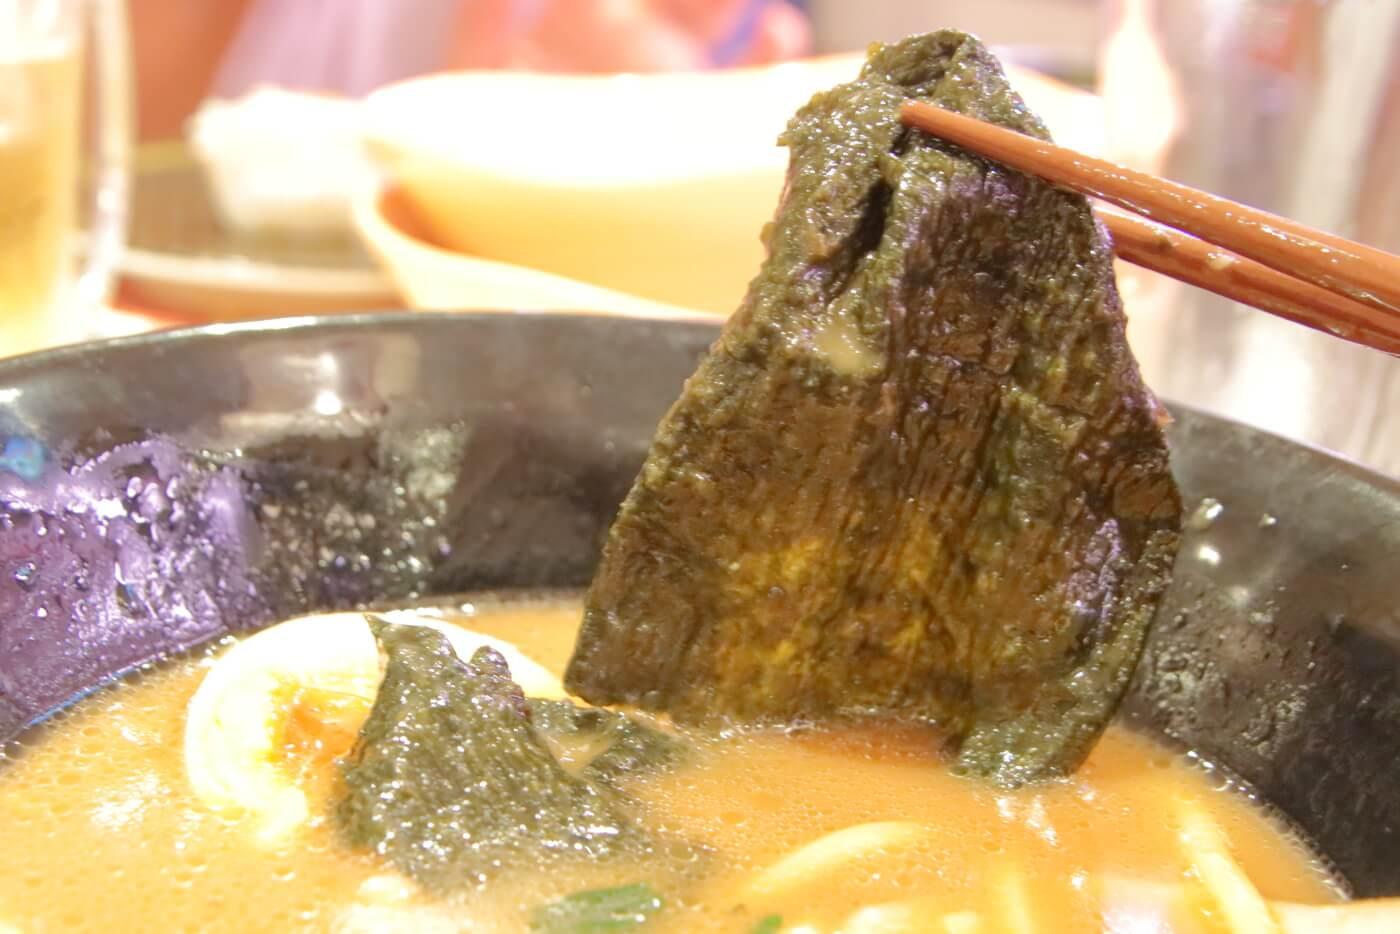 はま寿司 横浜家系ラーメン 豚骨醤油 具材の海苔